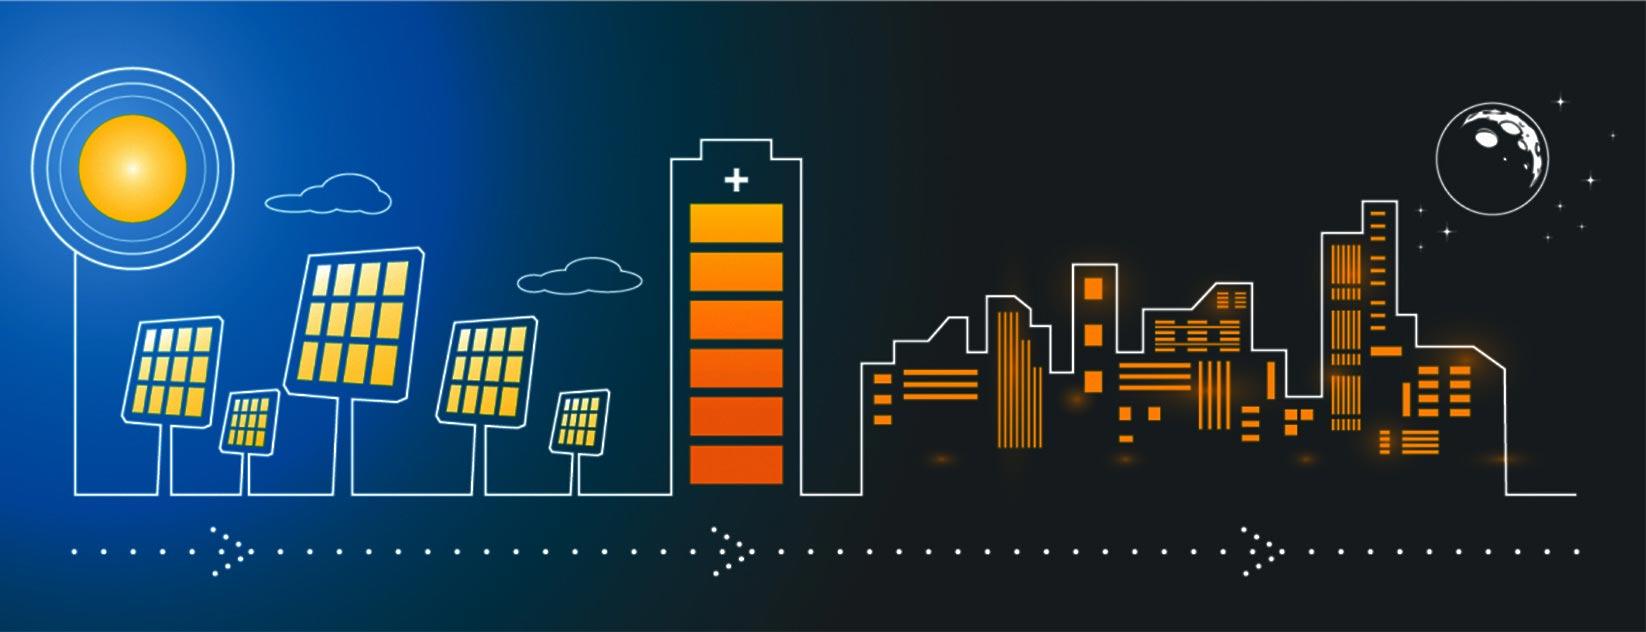 به امید داشتن یک خانه هوشمند کامل و ذخیره انرژی برای آیندگان...!